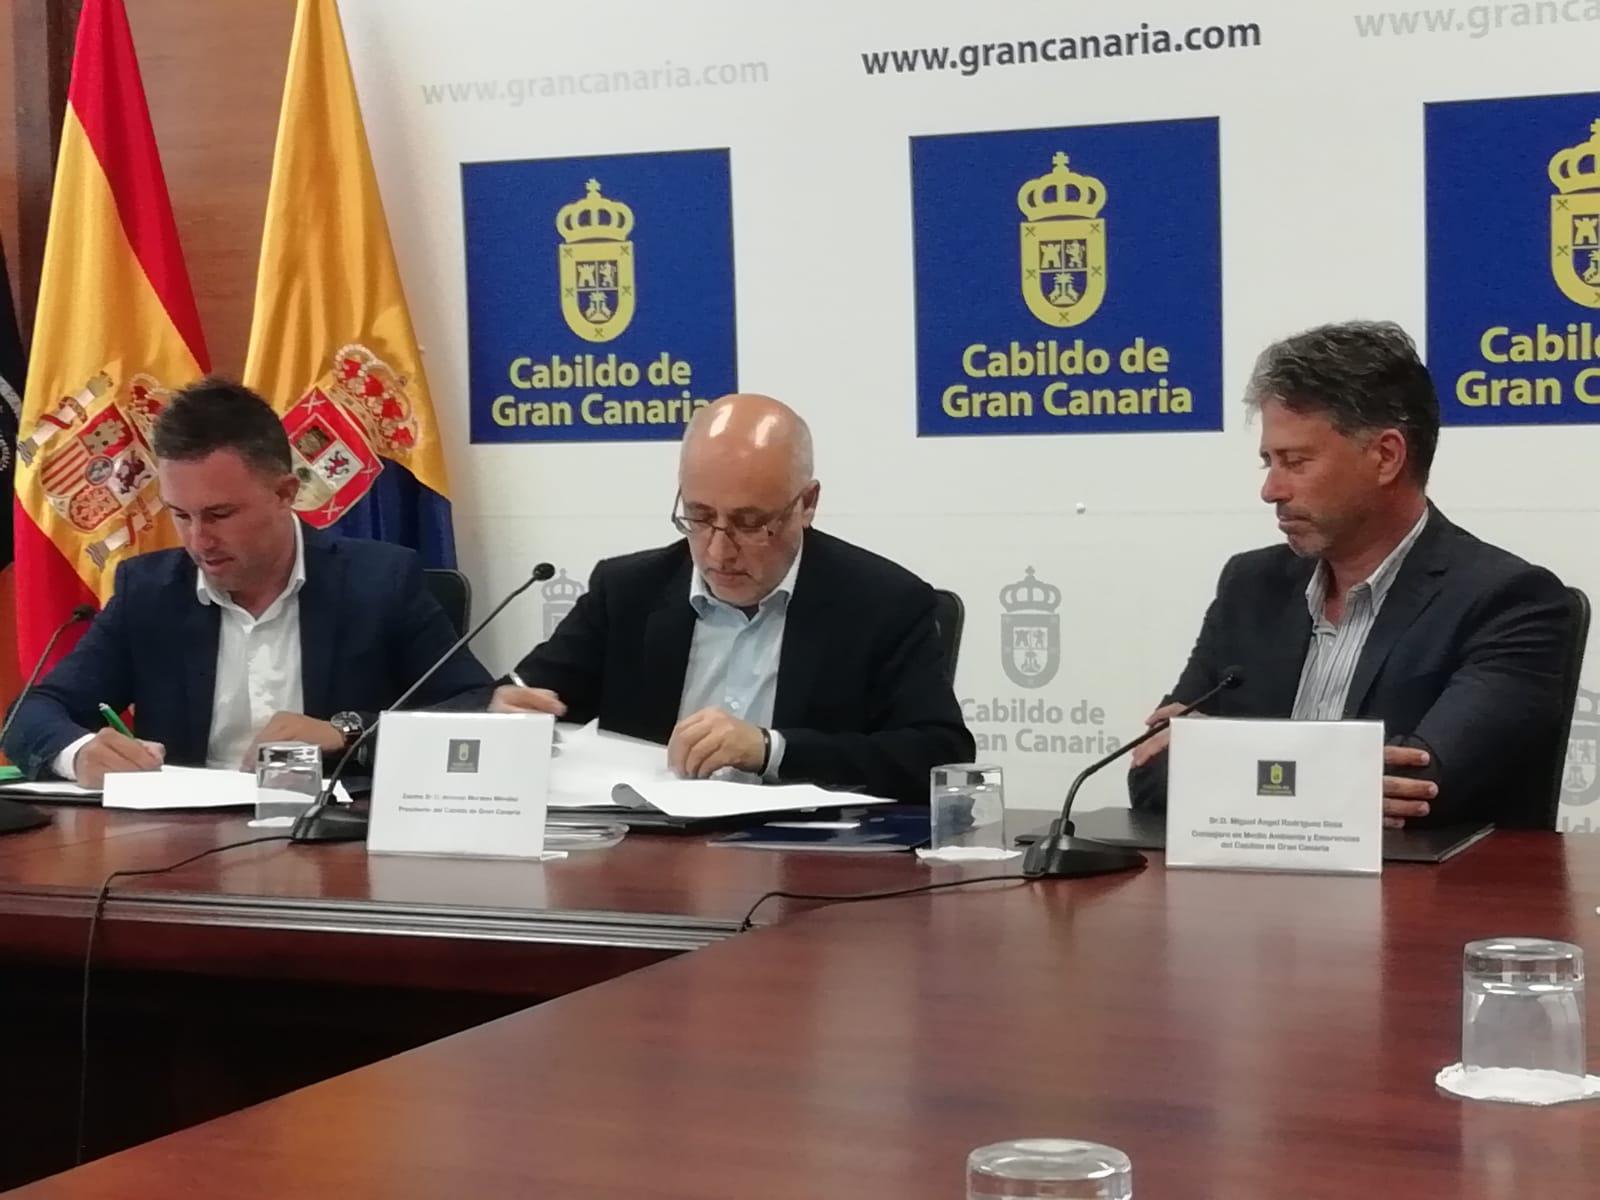 Covenio Cabildo de Gran Canaria